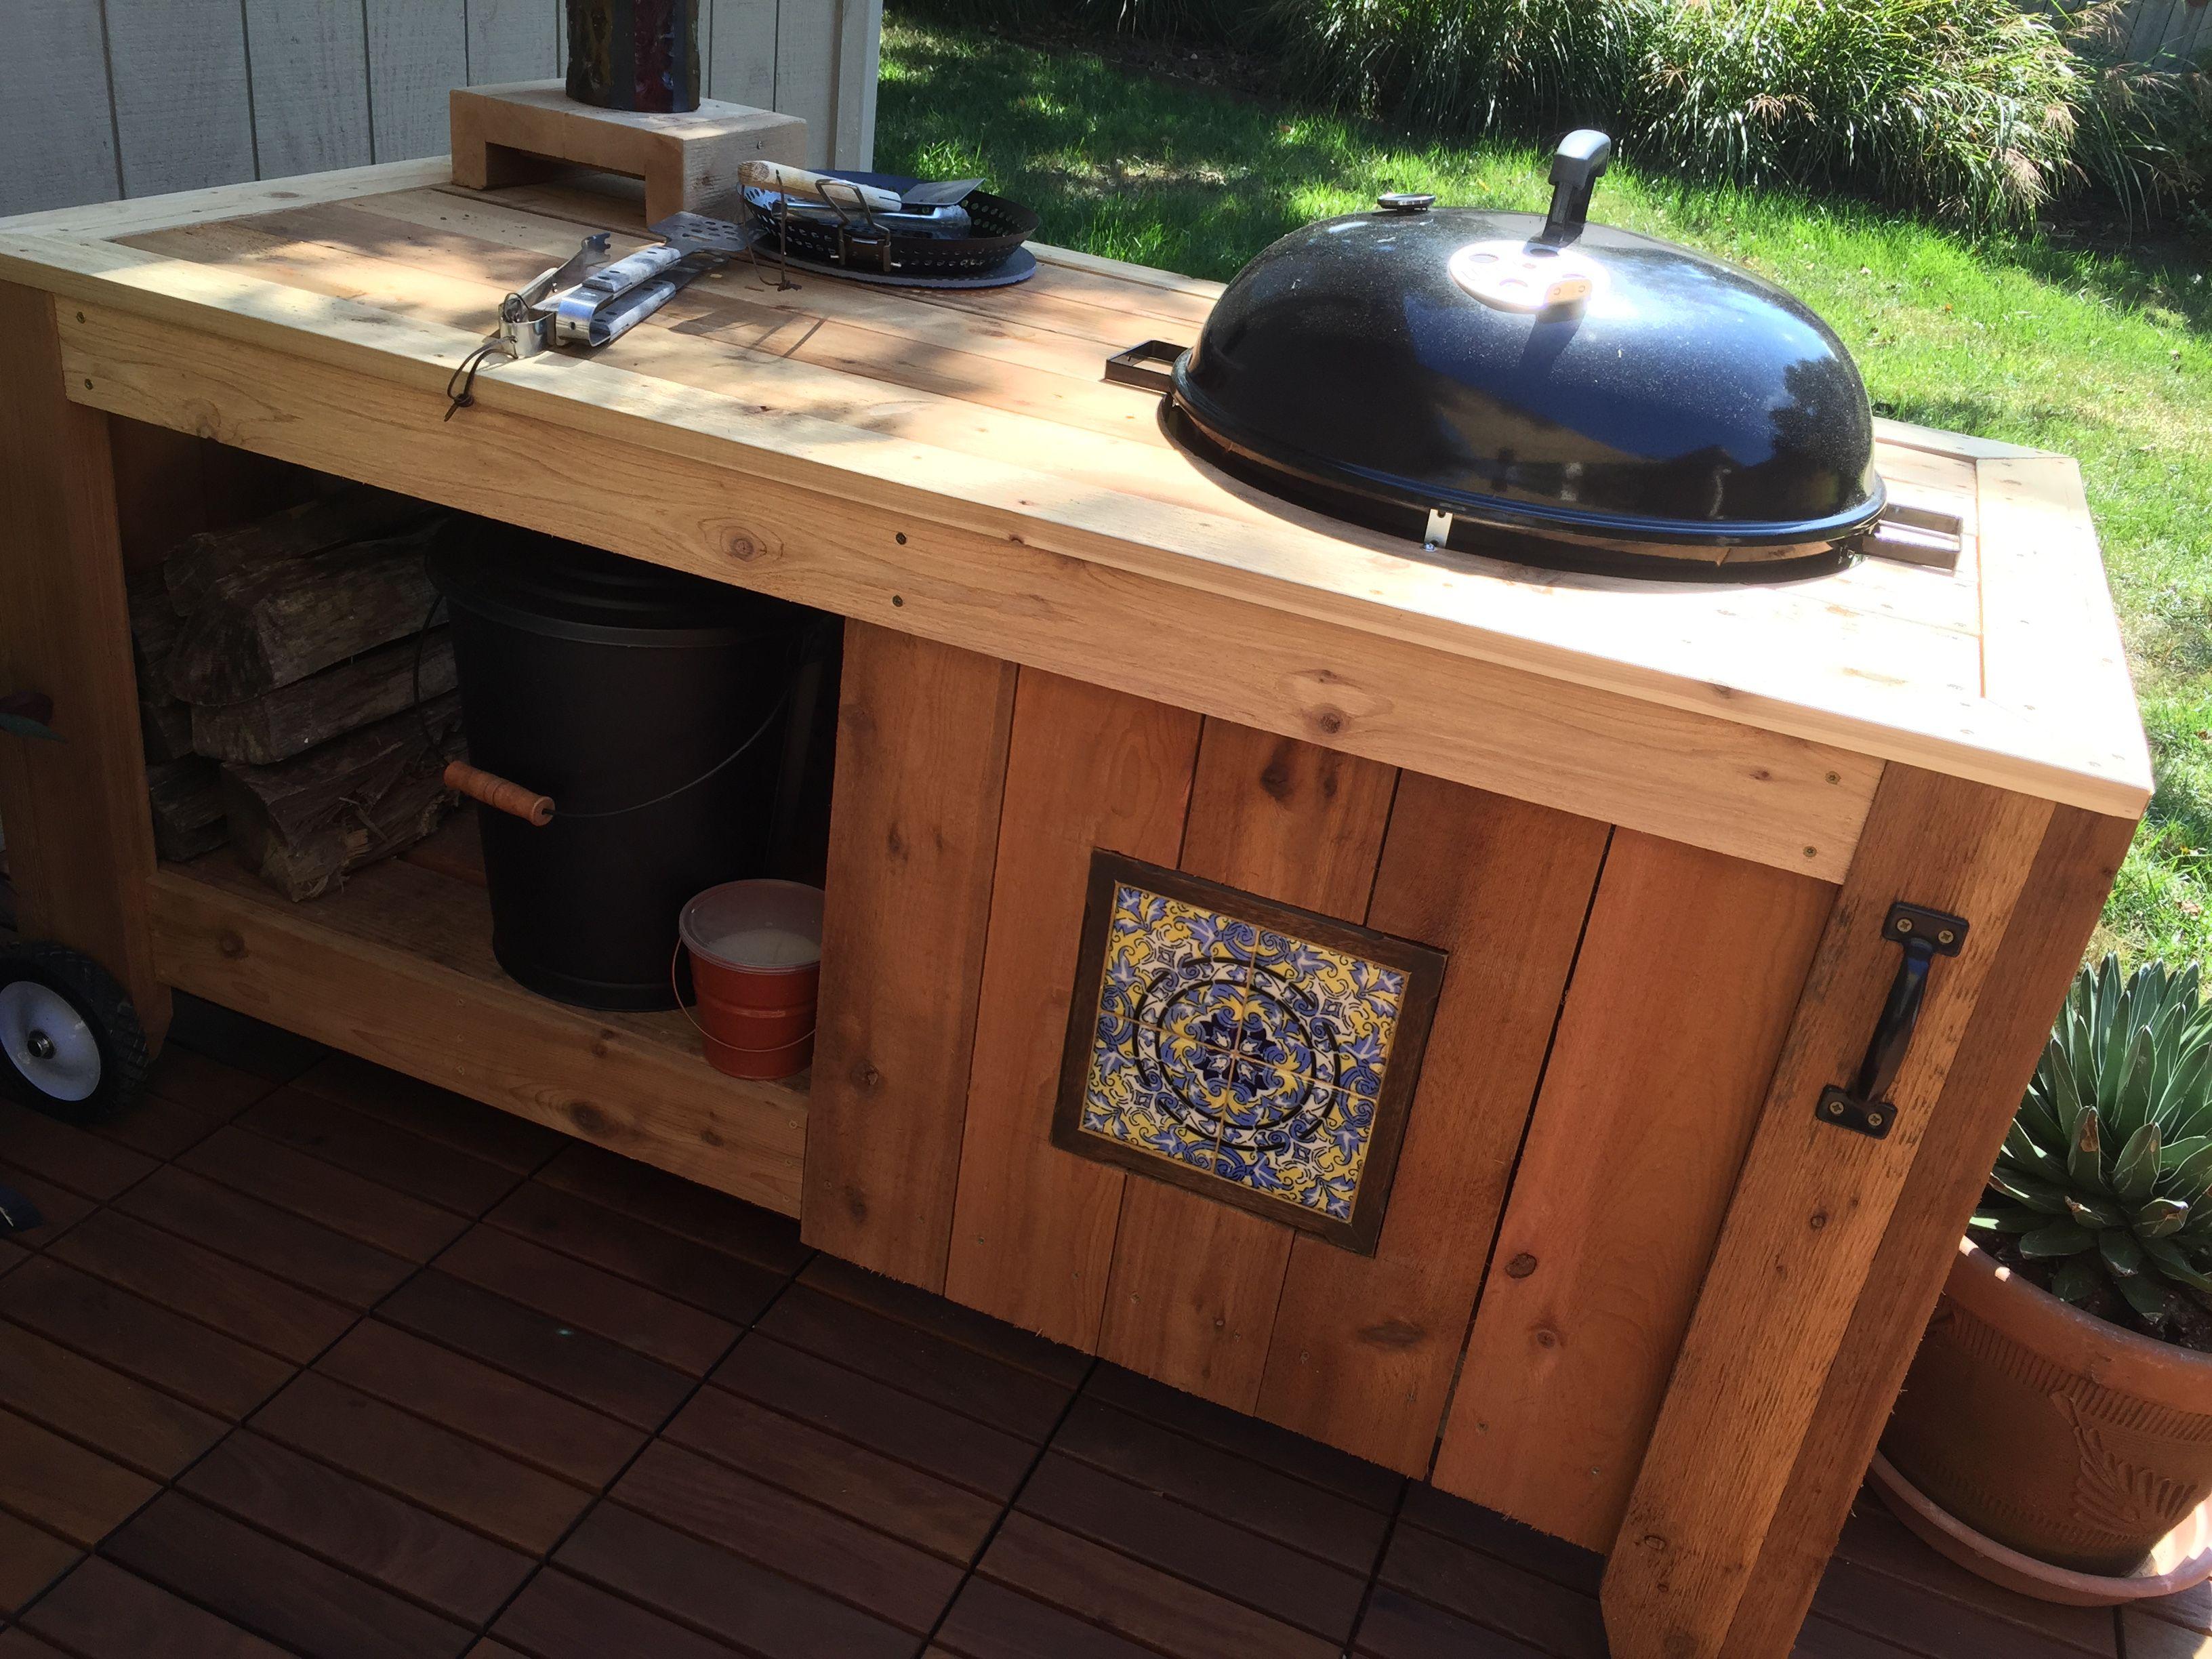 Outdoor Küche Mit Weber Grill : Weber gasgrill outdoor küche gemauerte outdoorküche mit fire